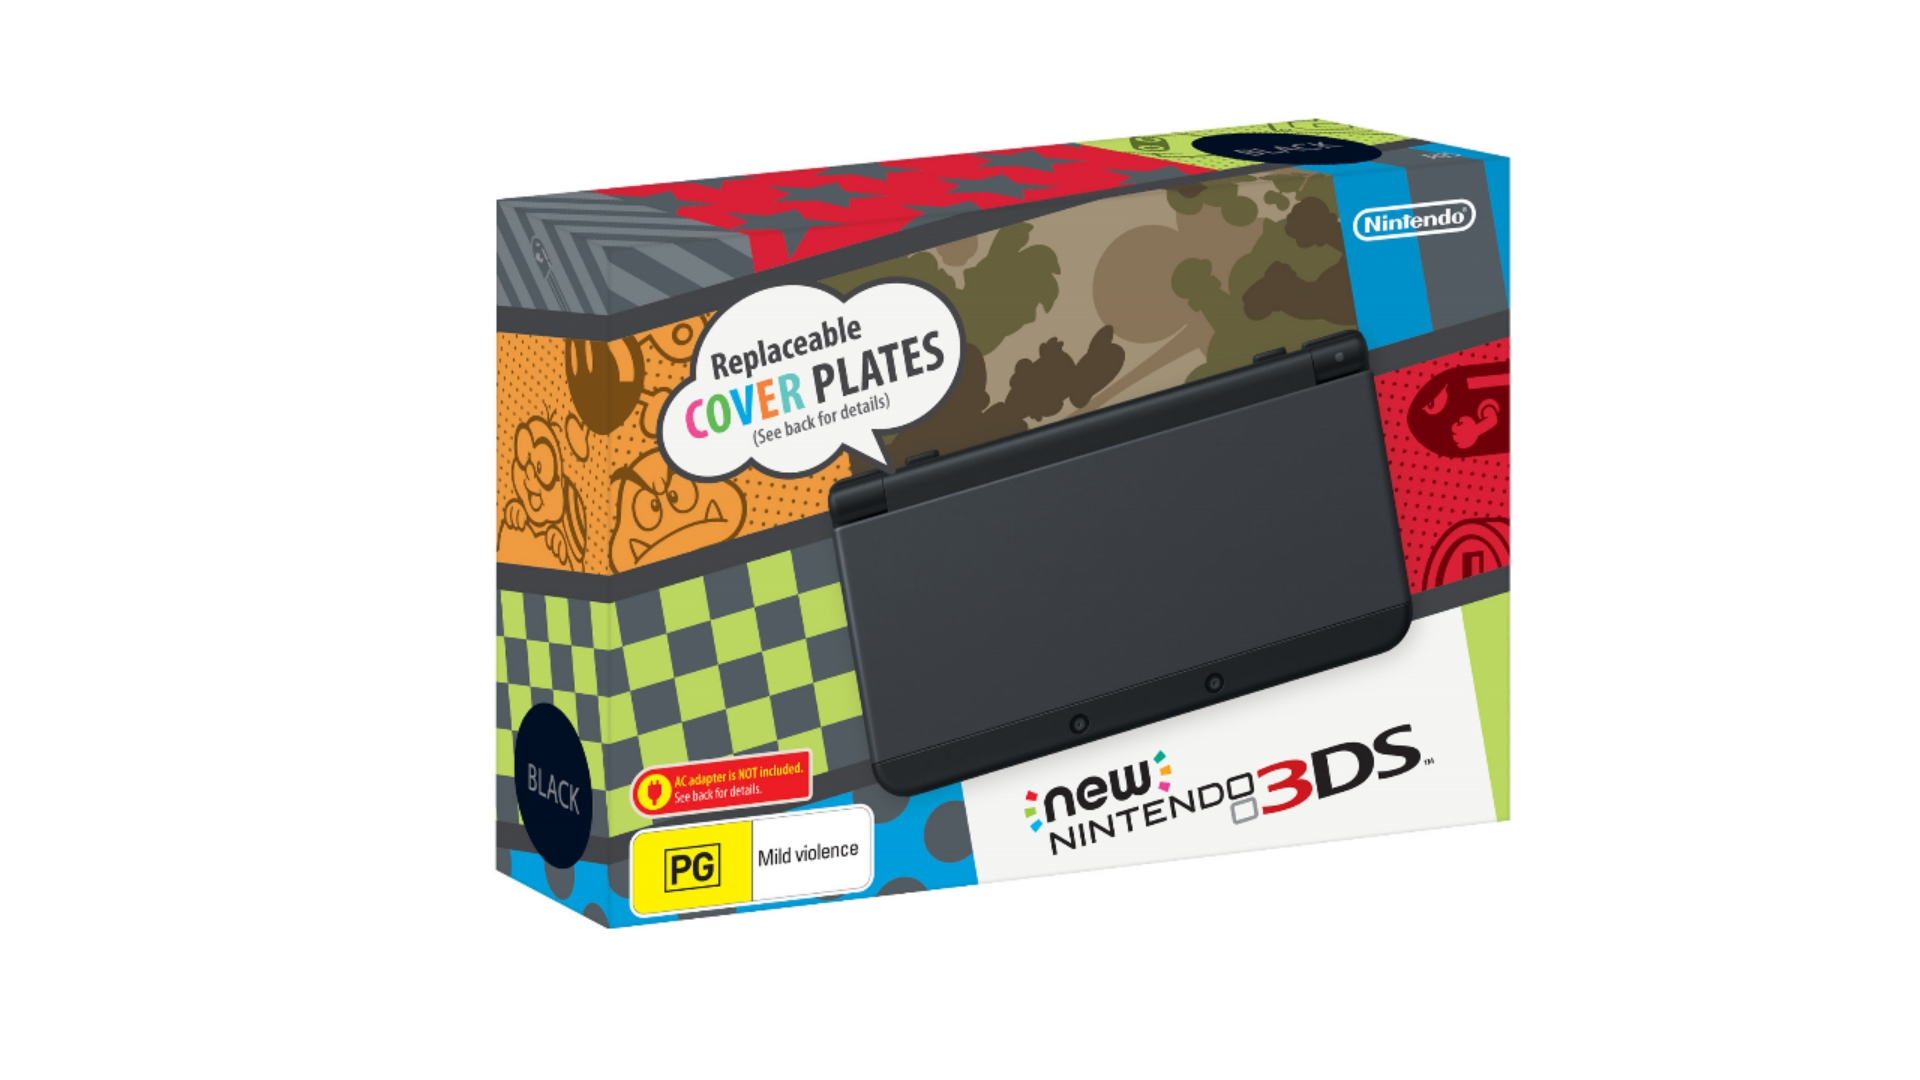 cheap 3Ds deals